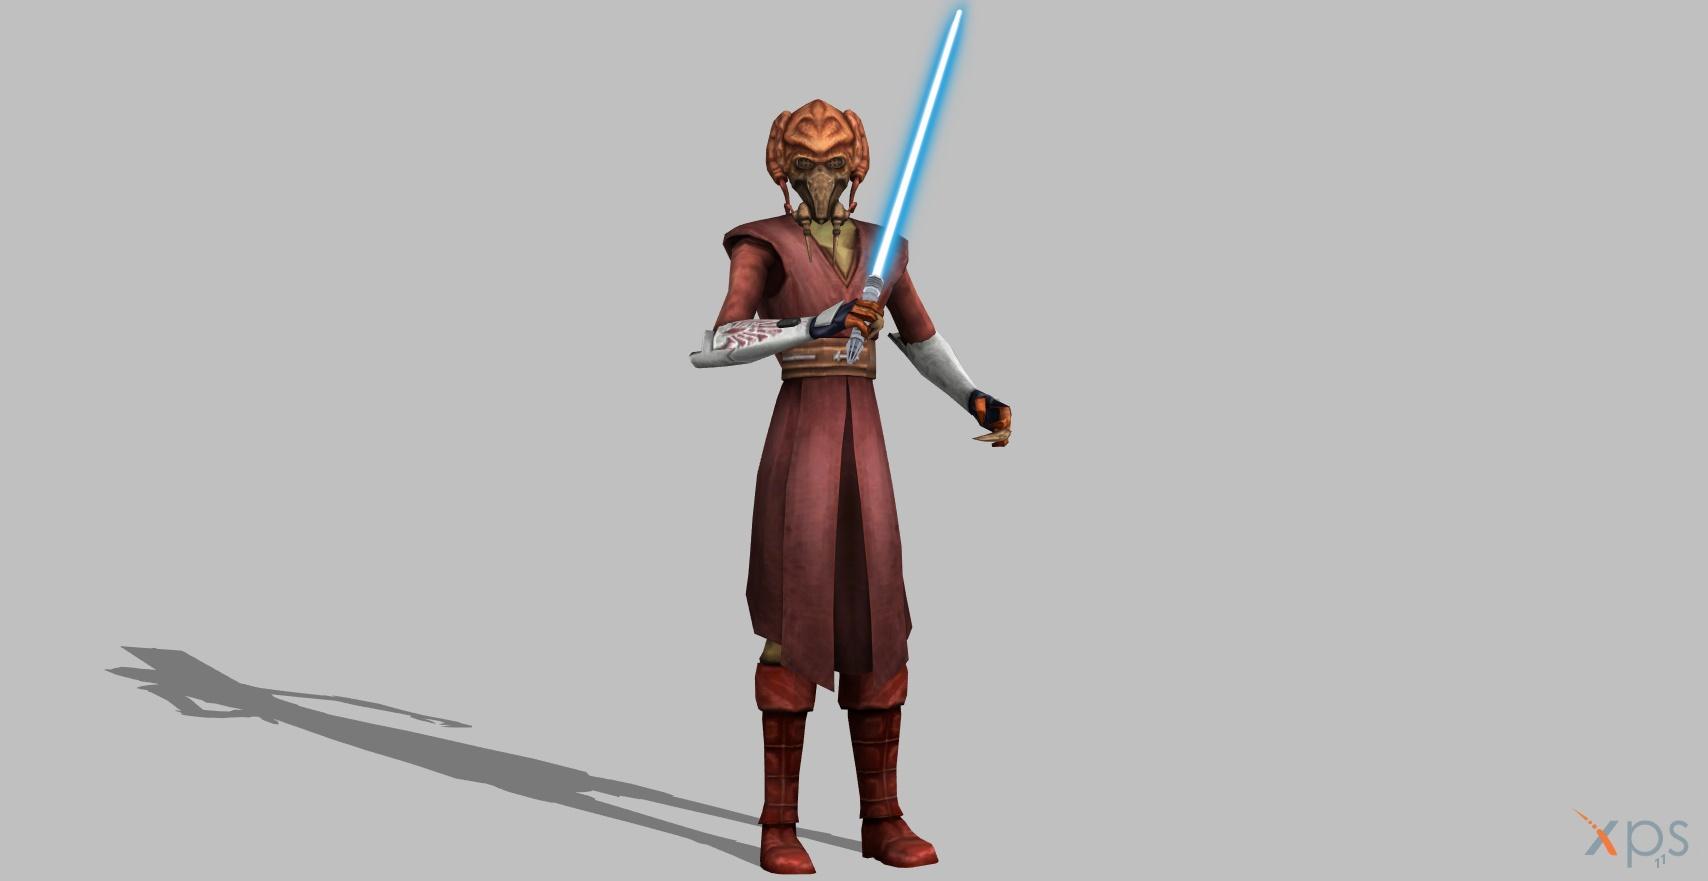 Star Wars Tcw Plo Koon By Blinkjisooxps On Deviantart